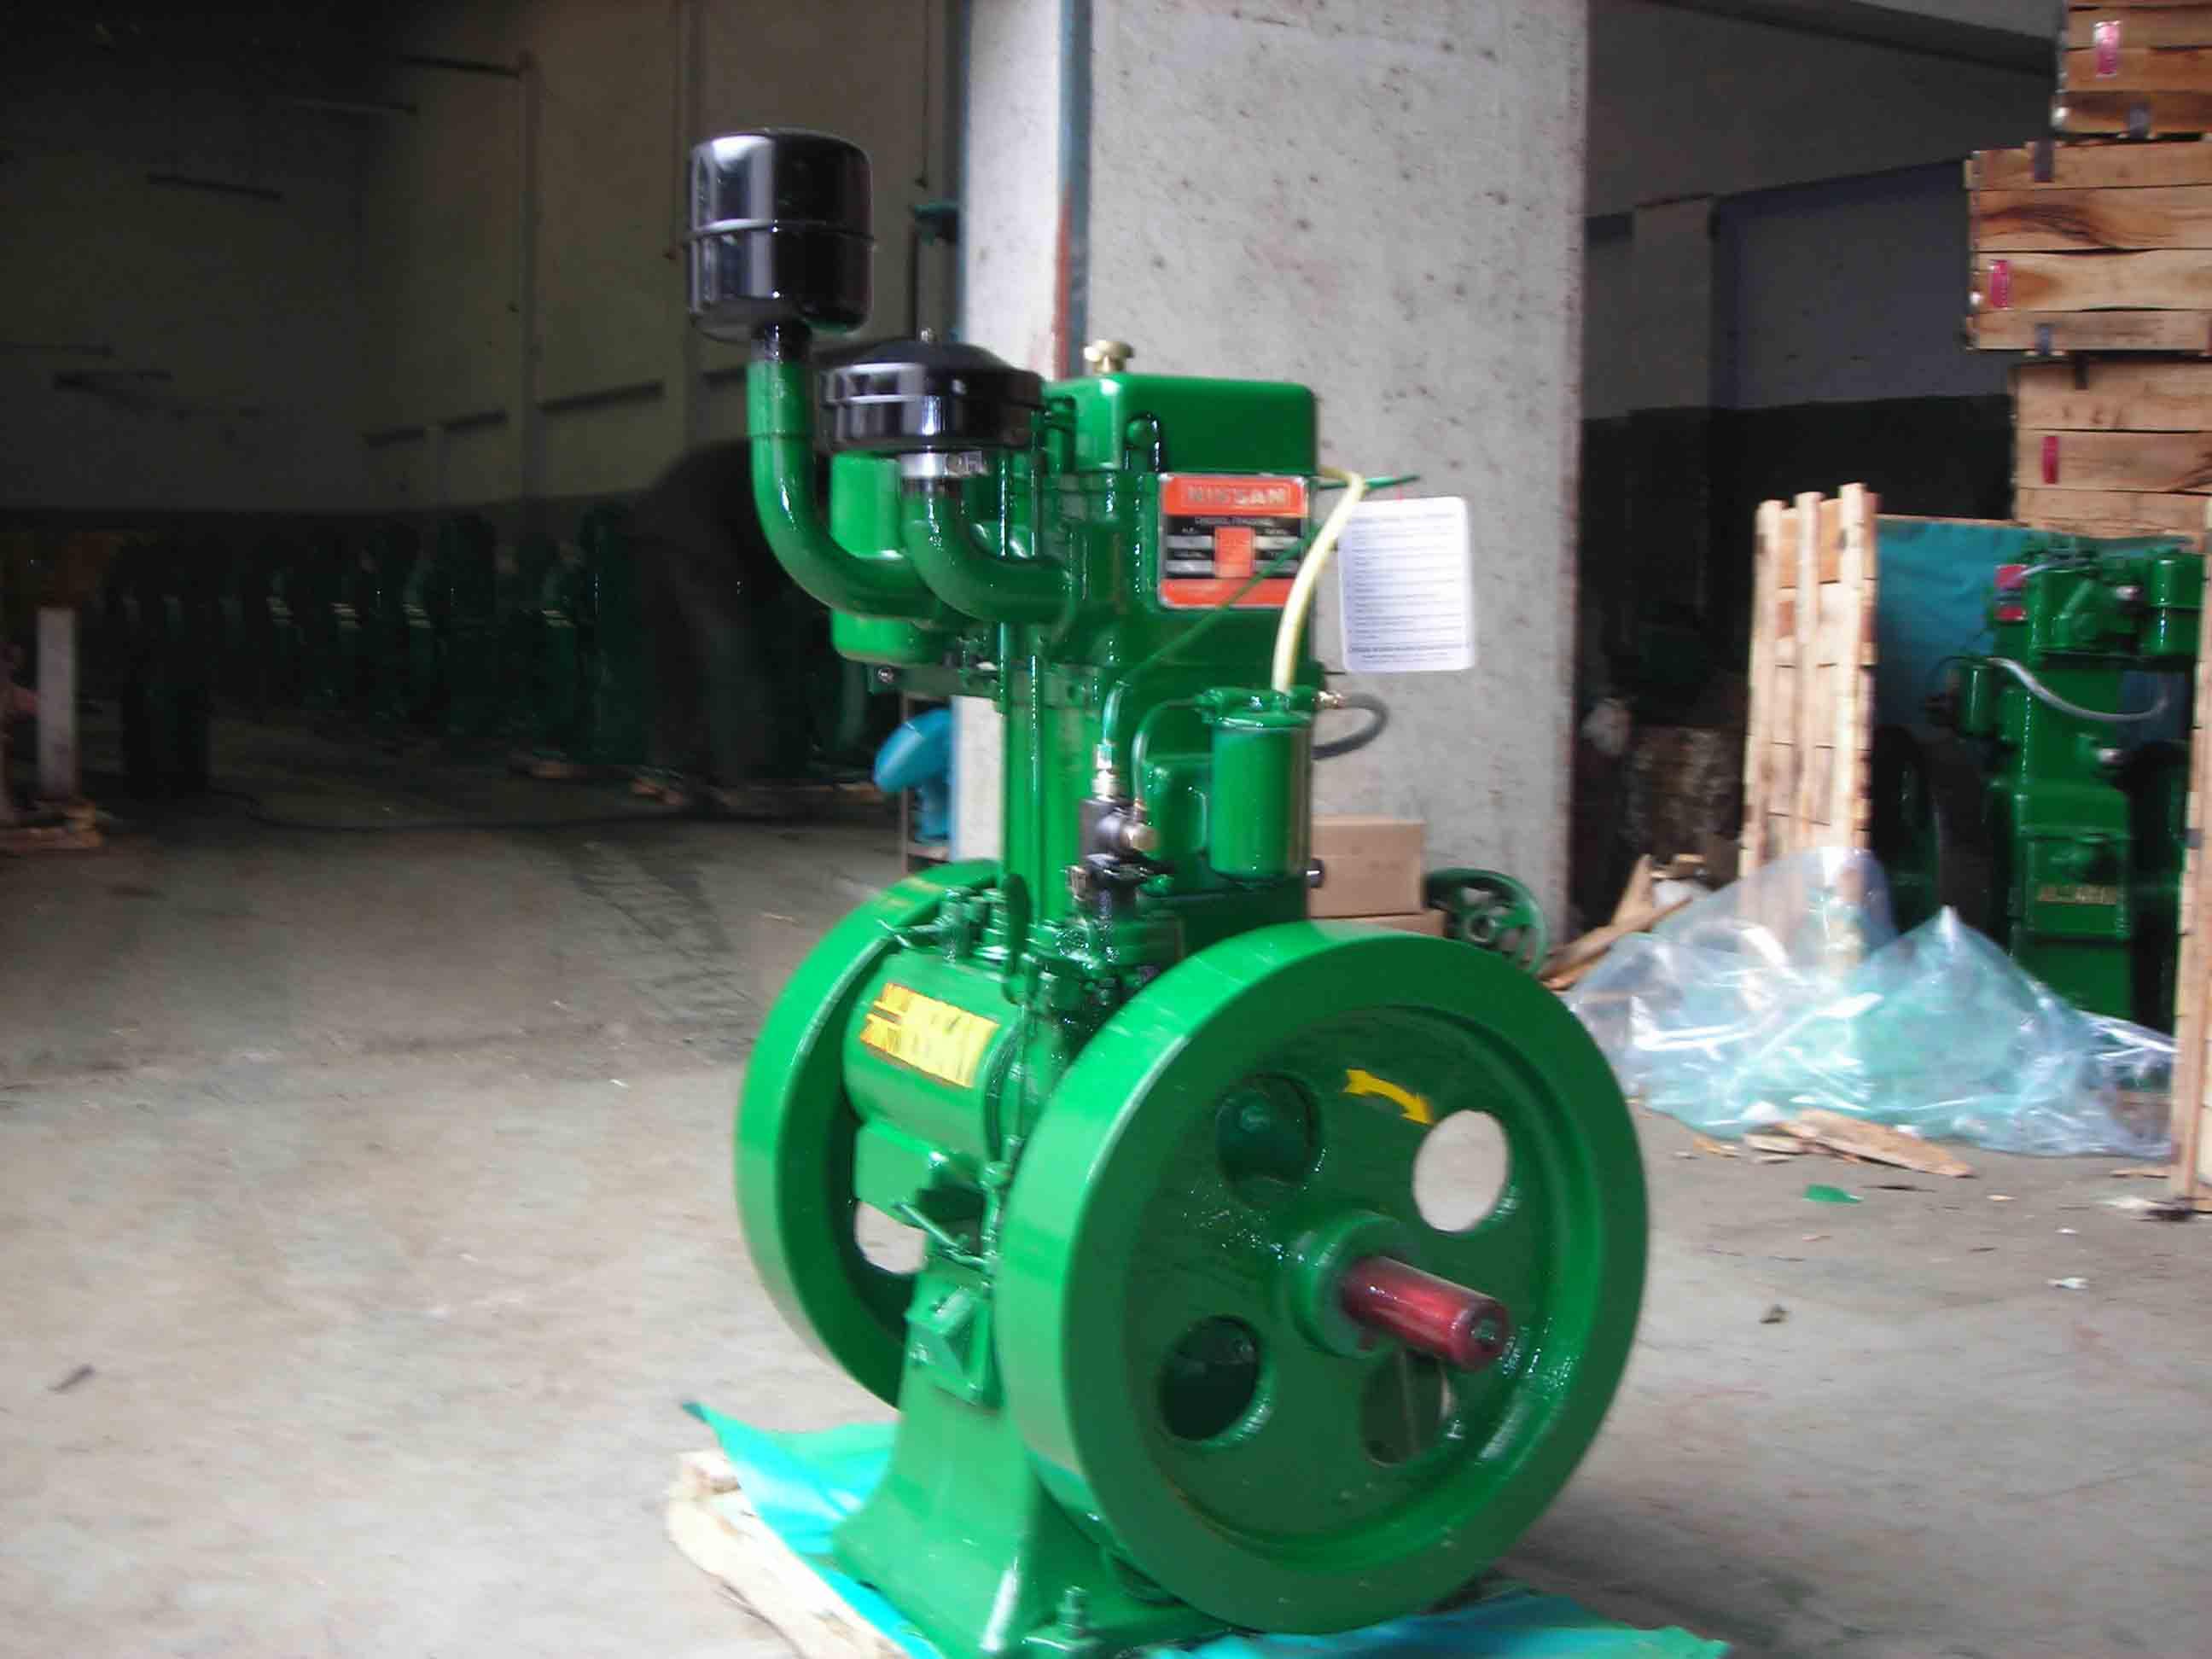 Wholesaler 10 Hp Diesel Engine India 10 Hp Diesel Engine